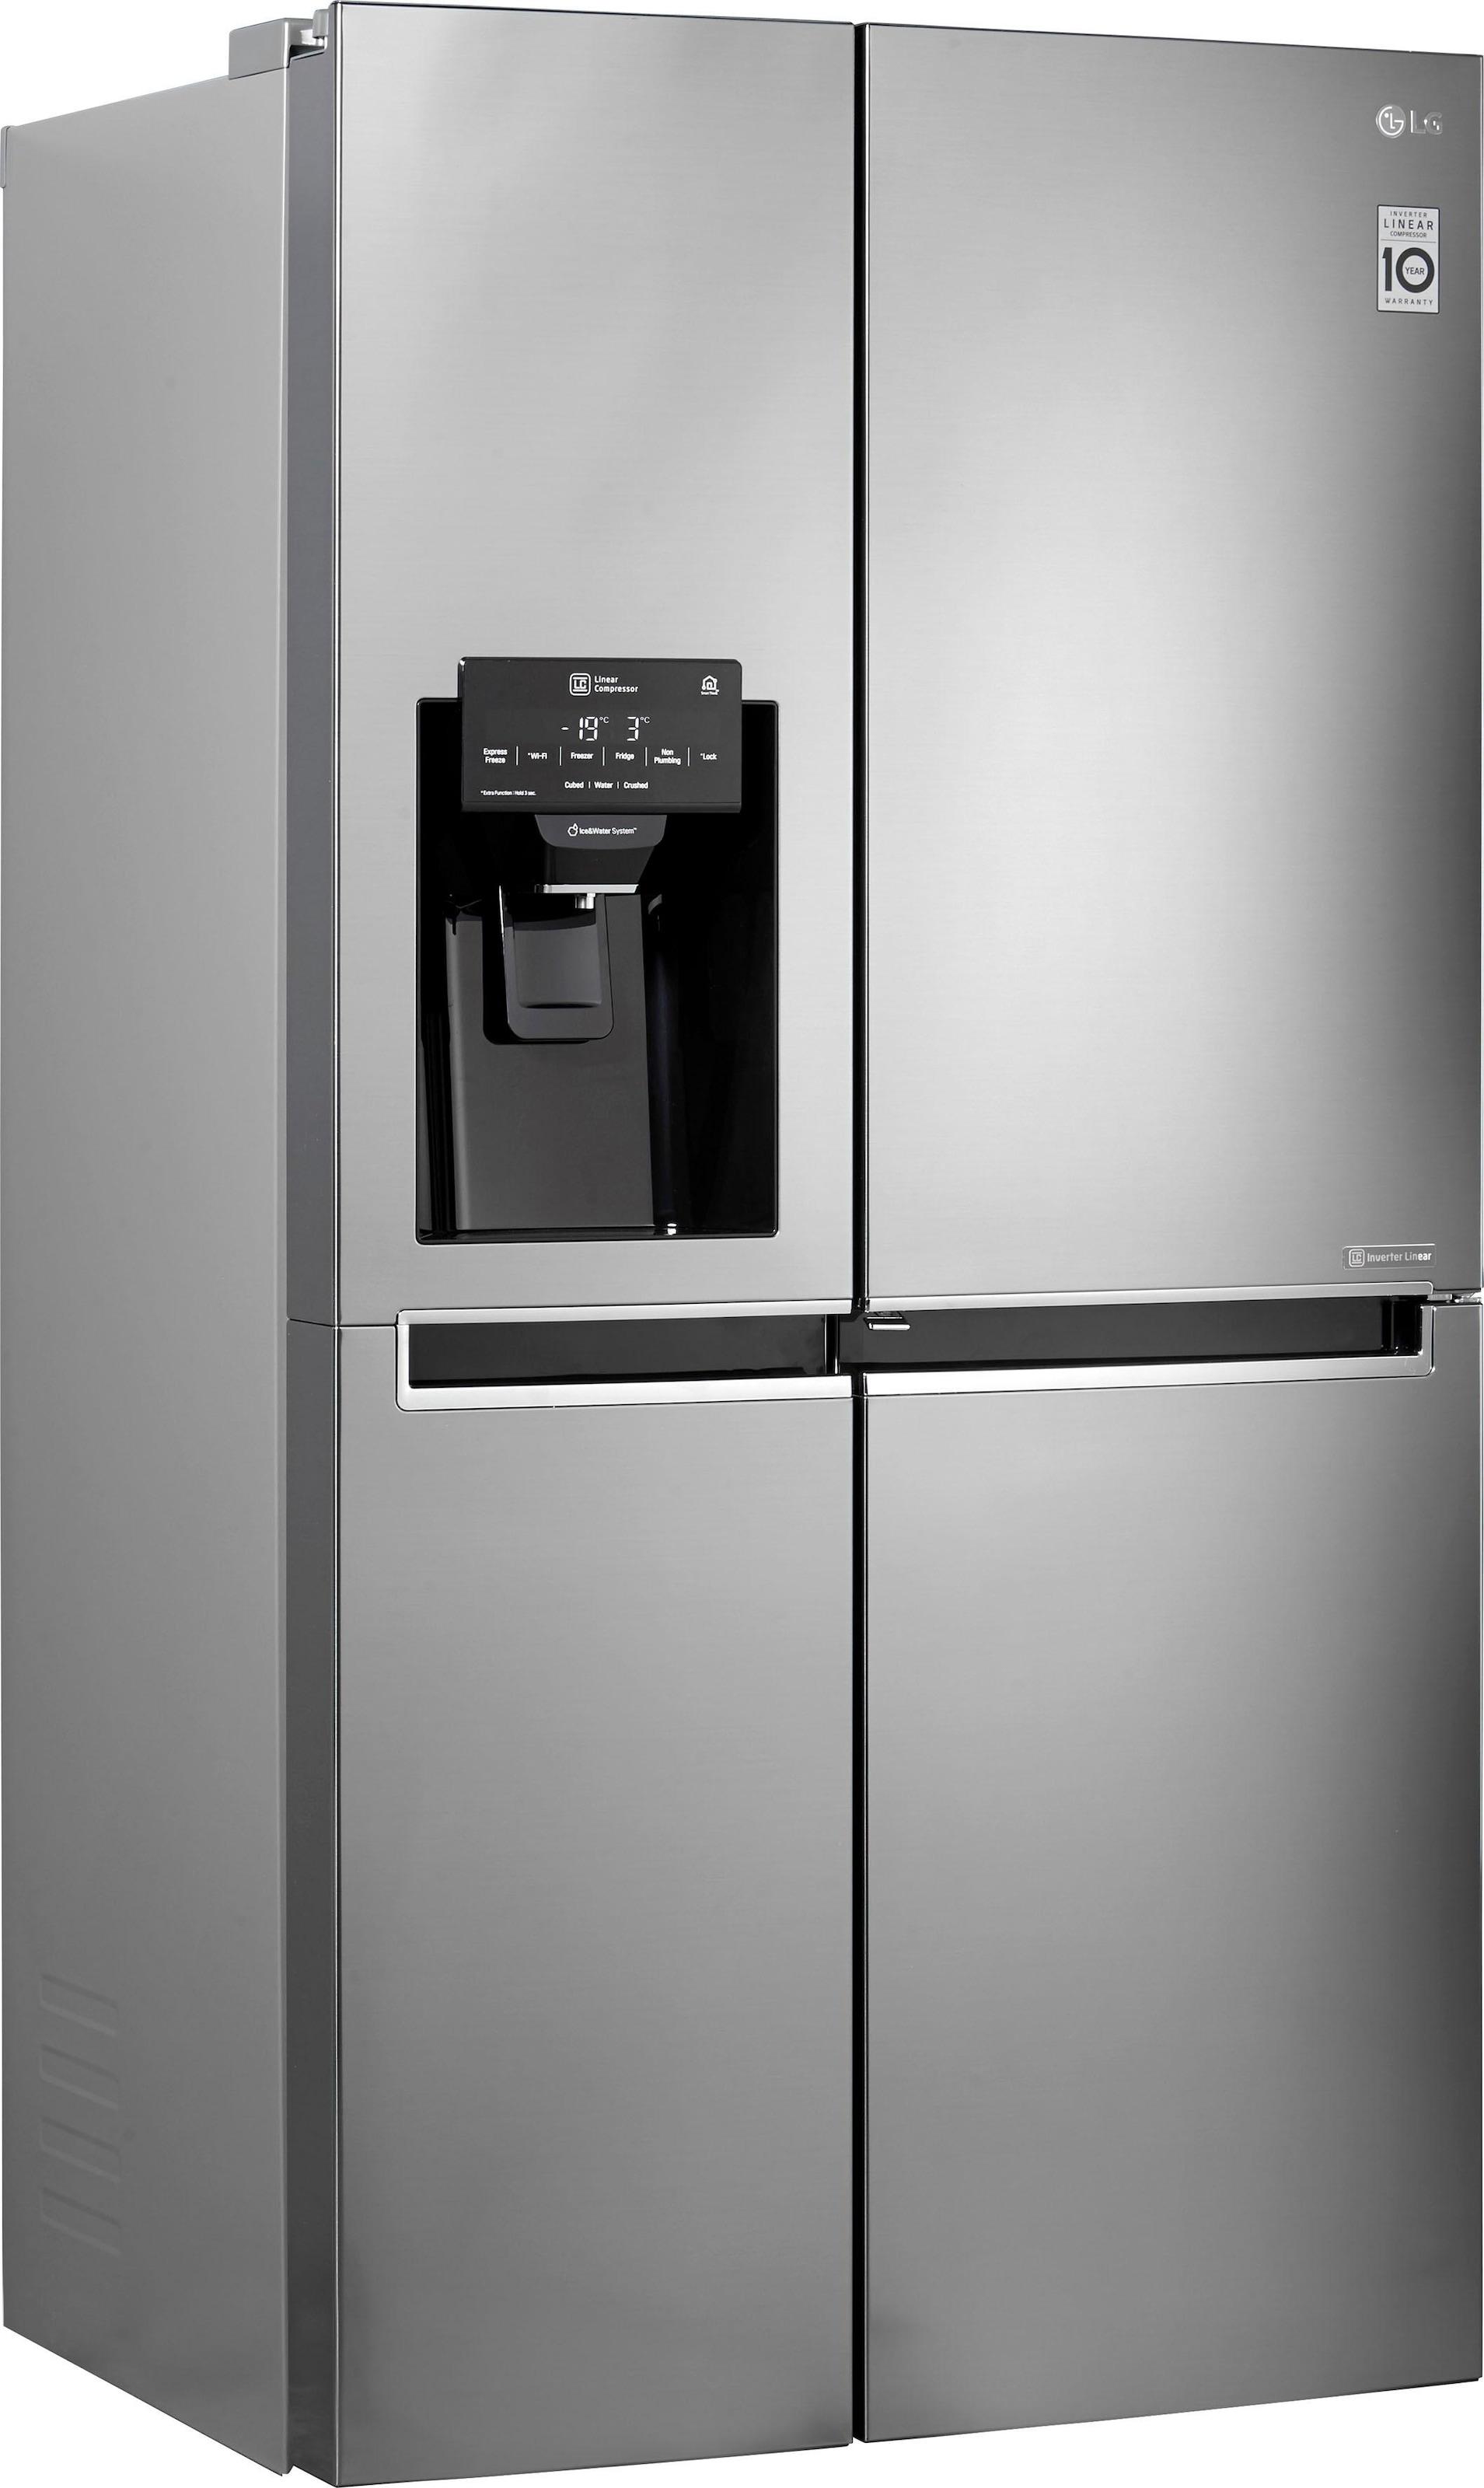 Side By Side Kühlschrank Ratenkauf : Side by side kühlschrank auf rechnung raten kaufen